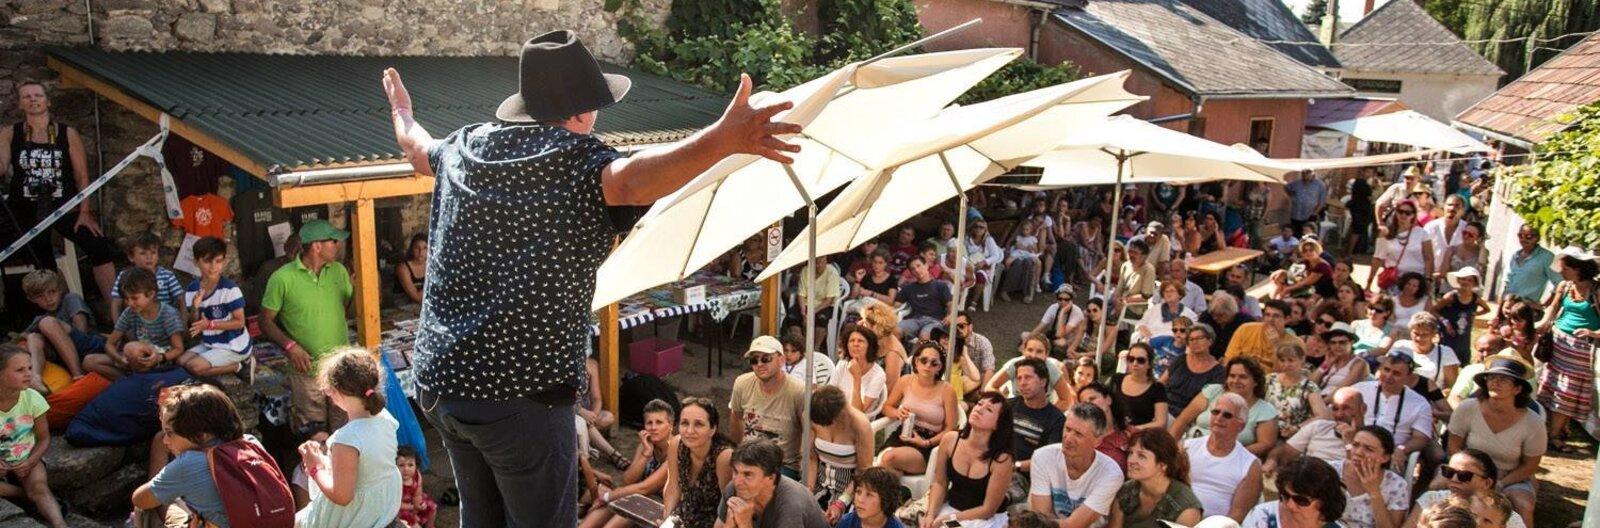 Koncerten ugrálsz vagy beülsz színházi előadásra? – 10 izgalmas program a Művészetek Völgyében